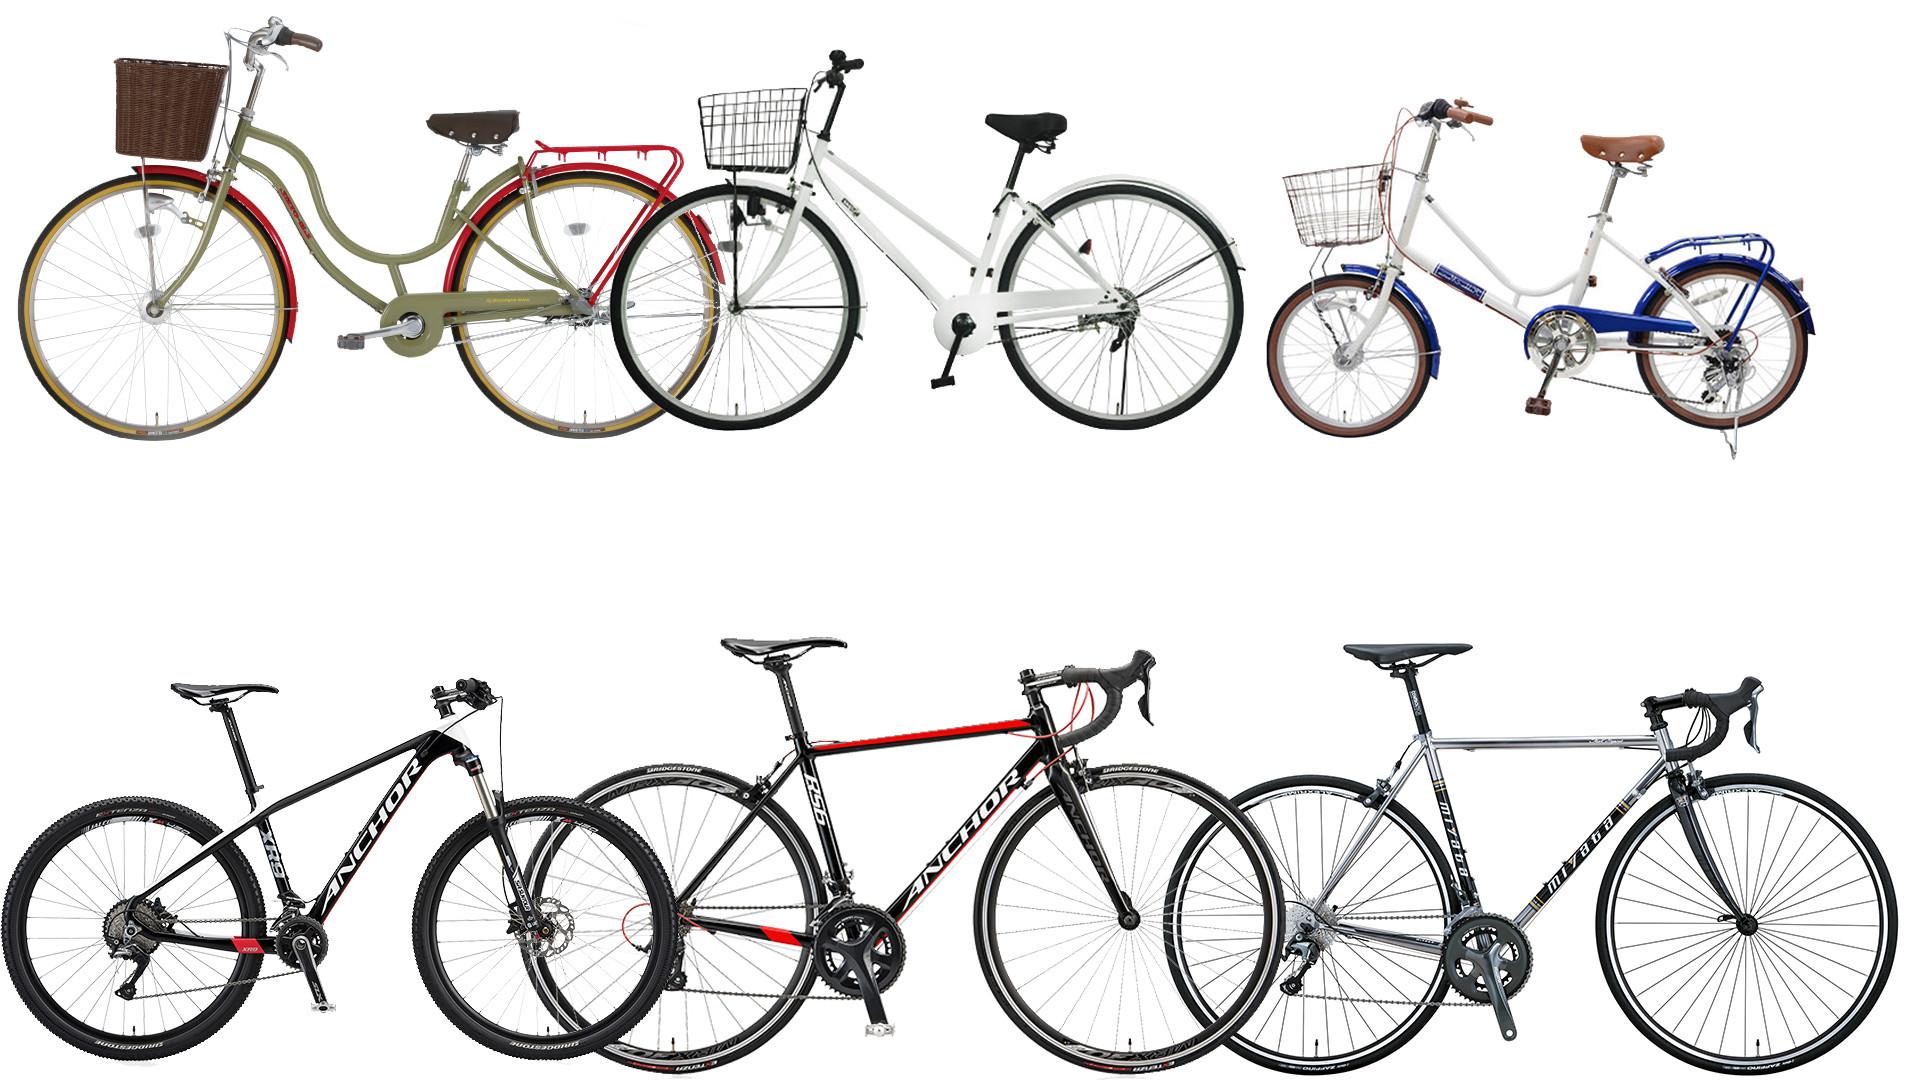 明治45年創業地域に密着したお店です。自転車販売・修理・整備・出張修理もお受け致します。畑田サイクルでは、常にお客様にご満足いただけるよう、丁寧・確実な仕事を心がけています。どうぞお気軽にご来店ください。